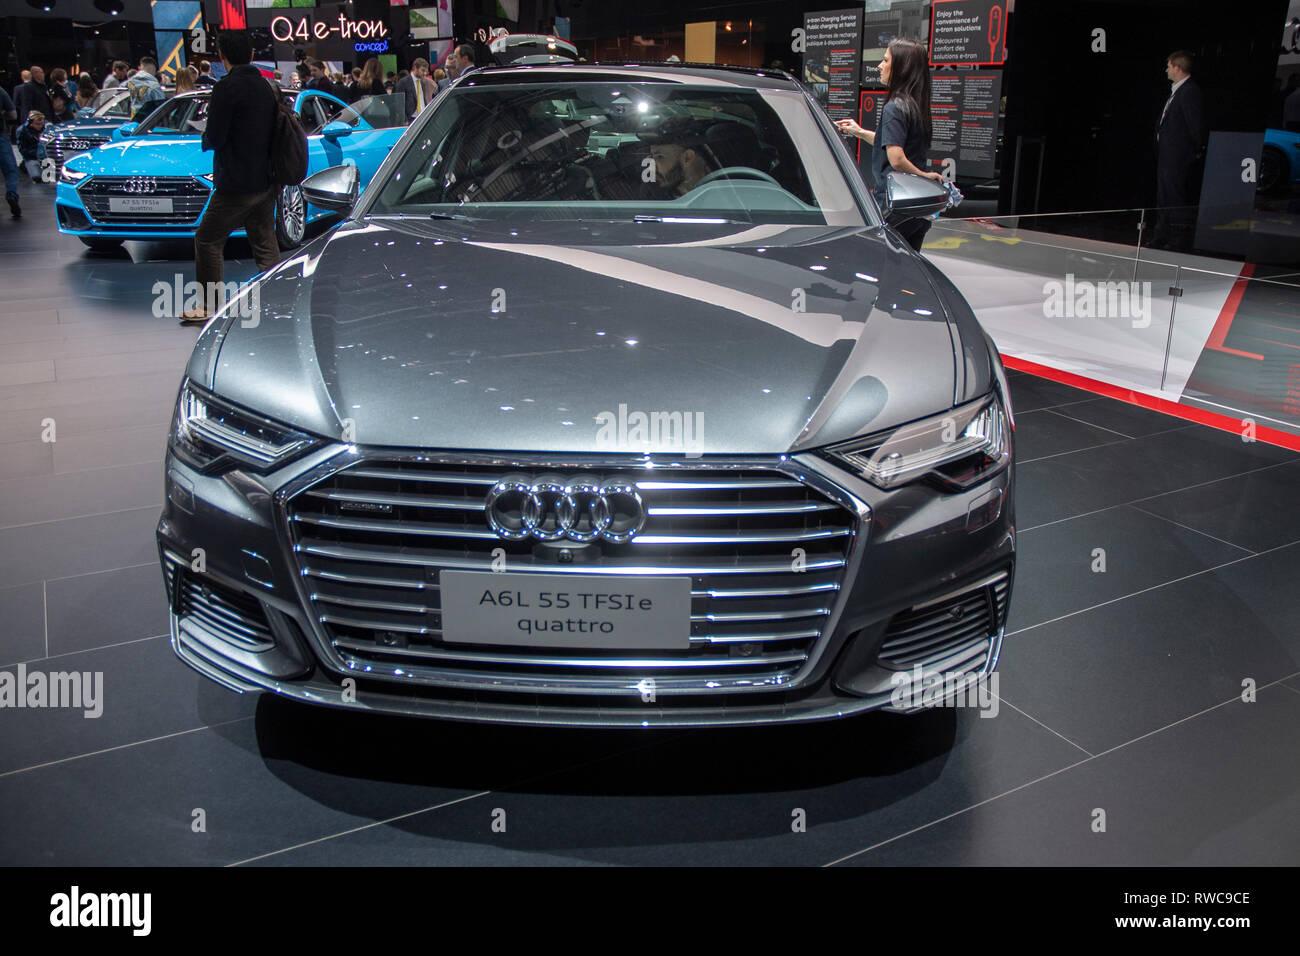 Genf Schweiz 6 März 2019 Der Neue Audi A6 L 55 Tfsie Quatro